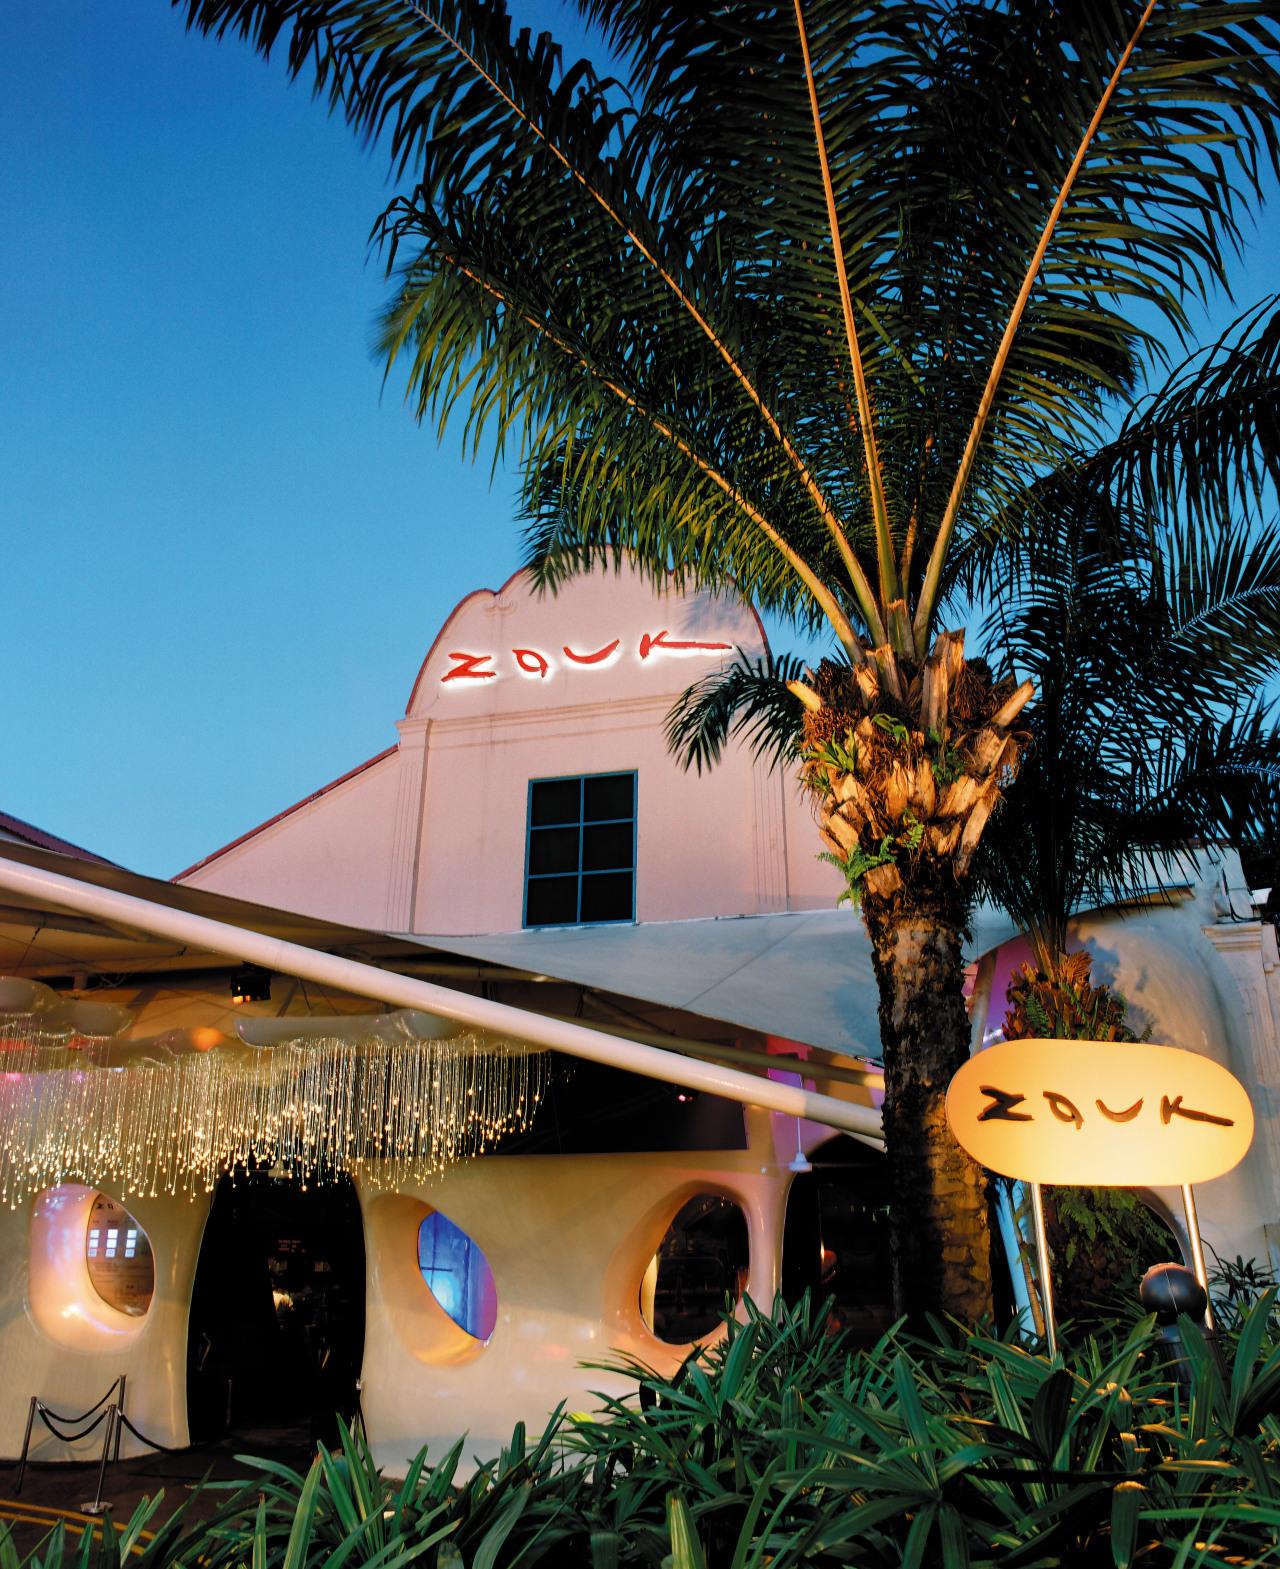 view of the exterior of the zouk nightclub arecales, lighting, palm tree, plant, sky, tree, black